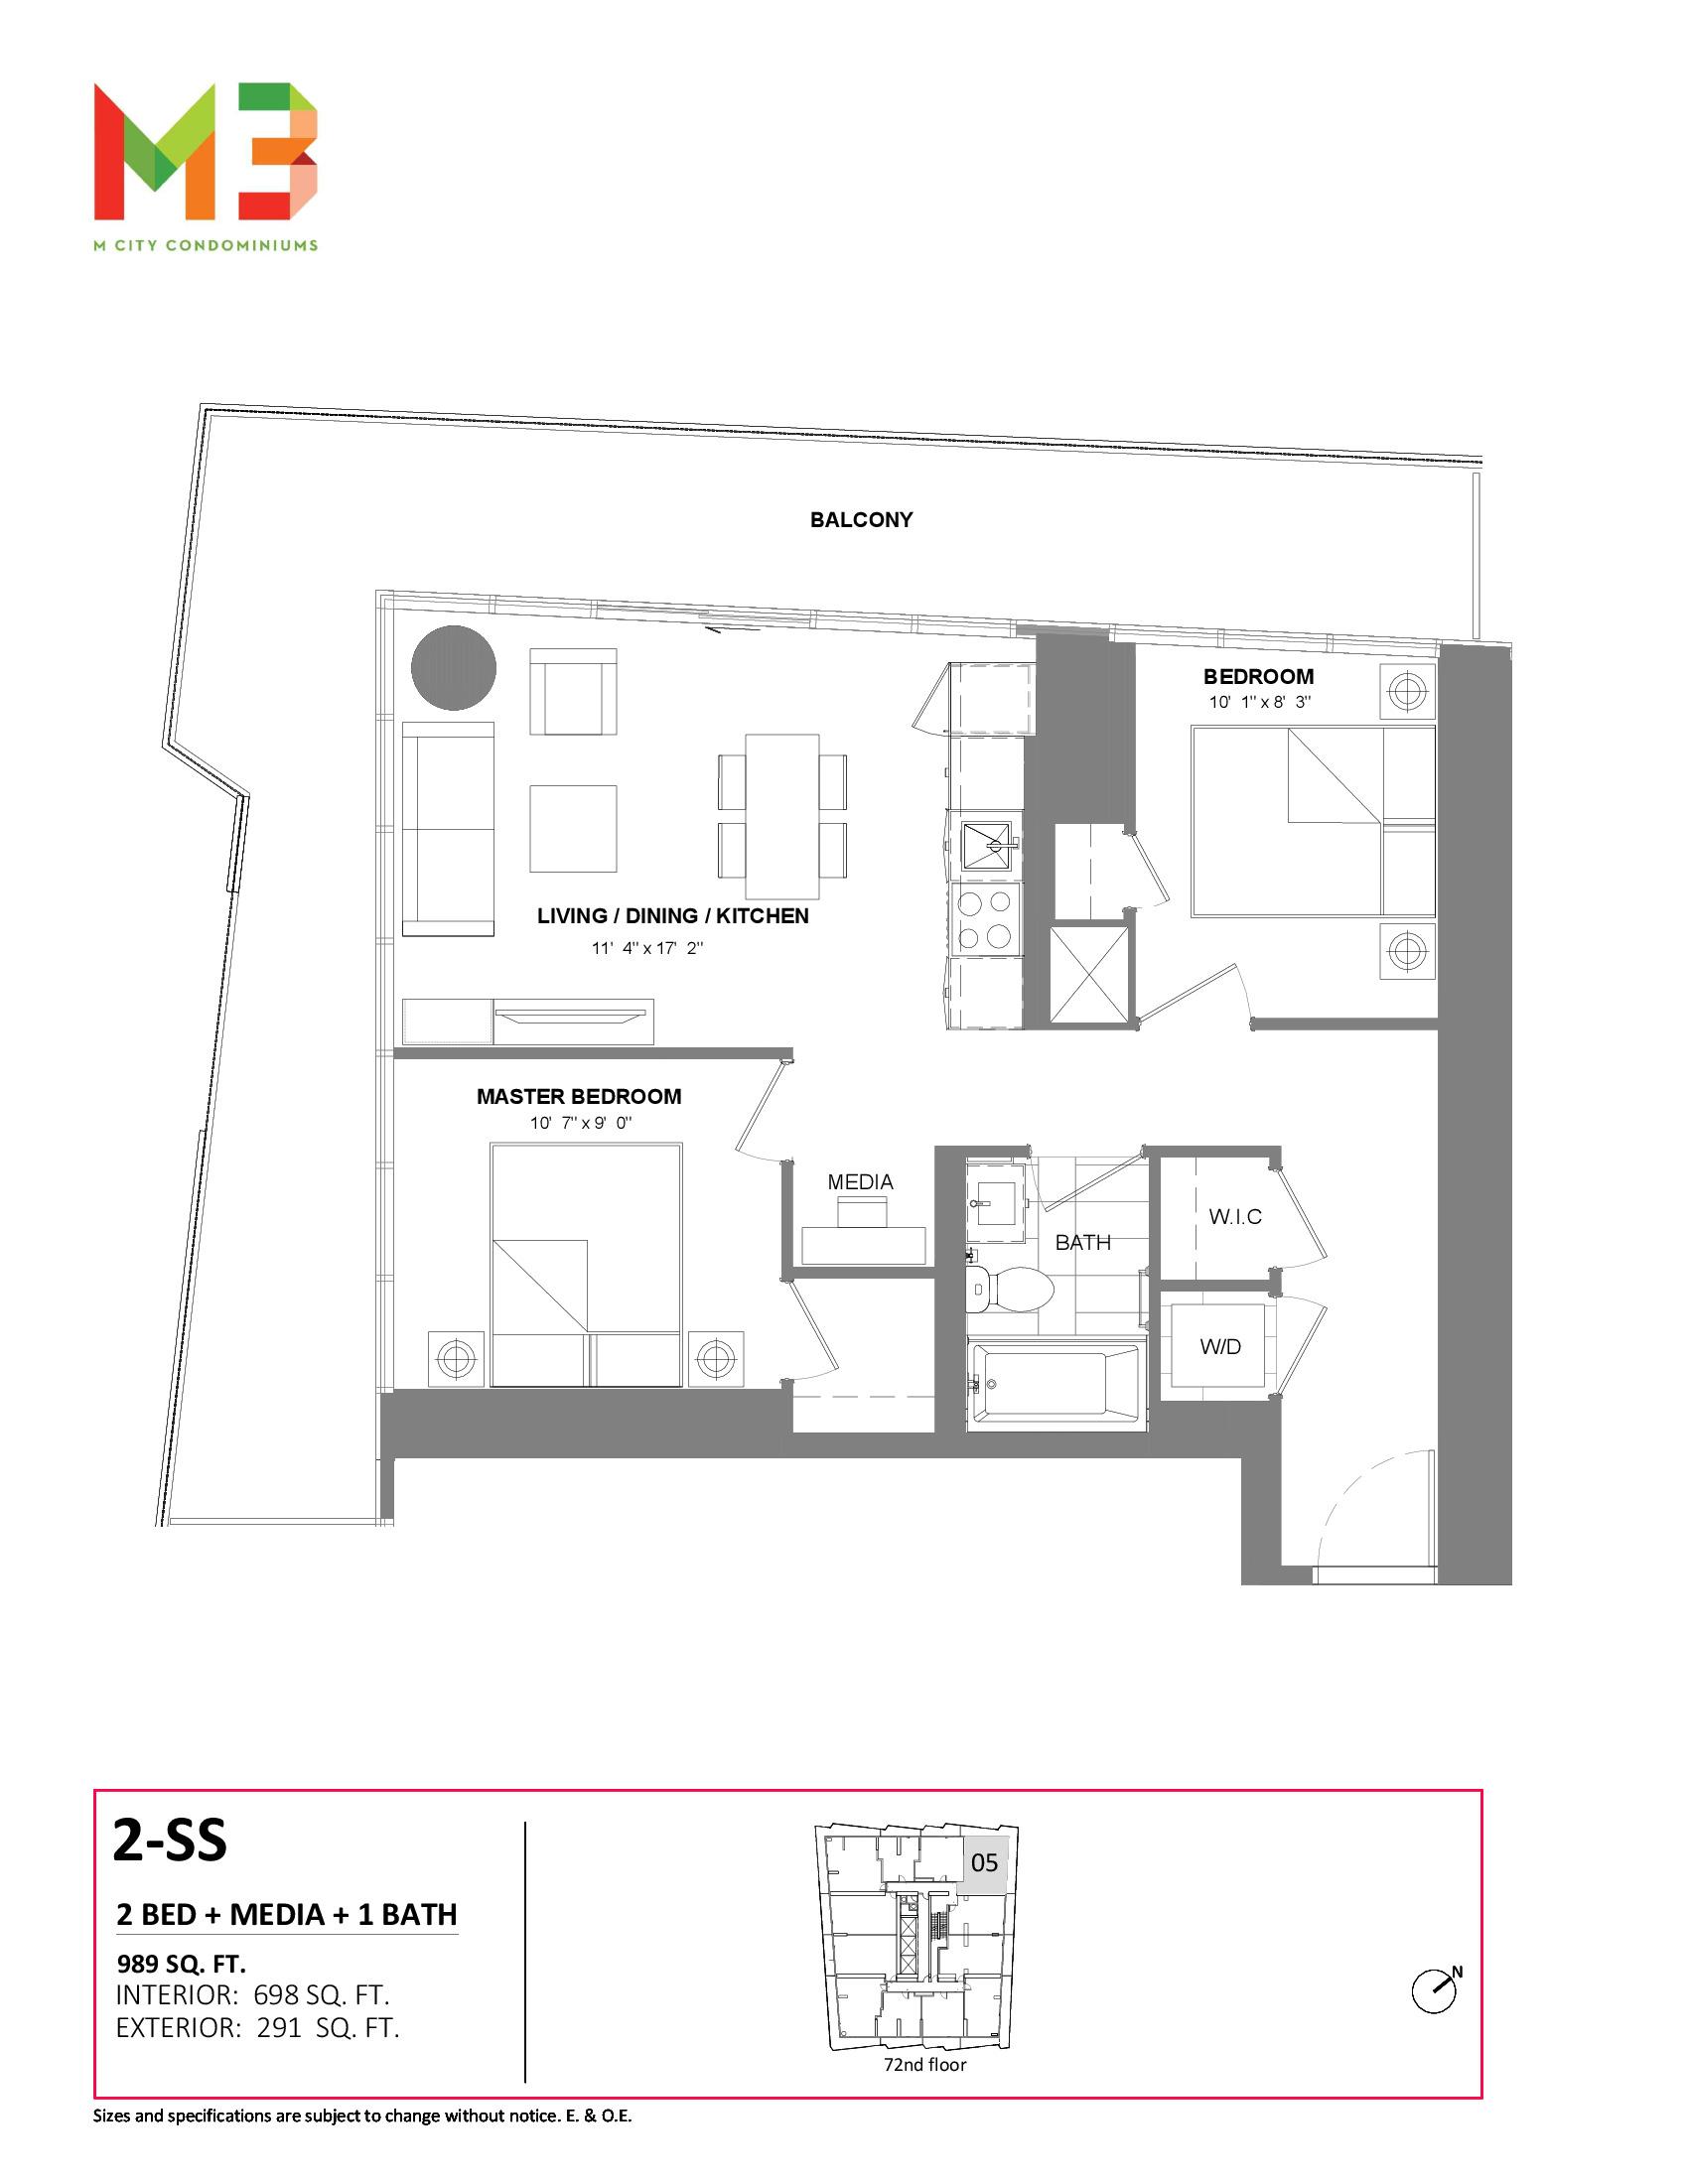 2-SS Floor Plan at M3 Condos - 698 sq.ft